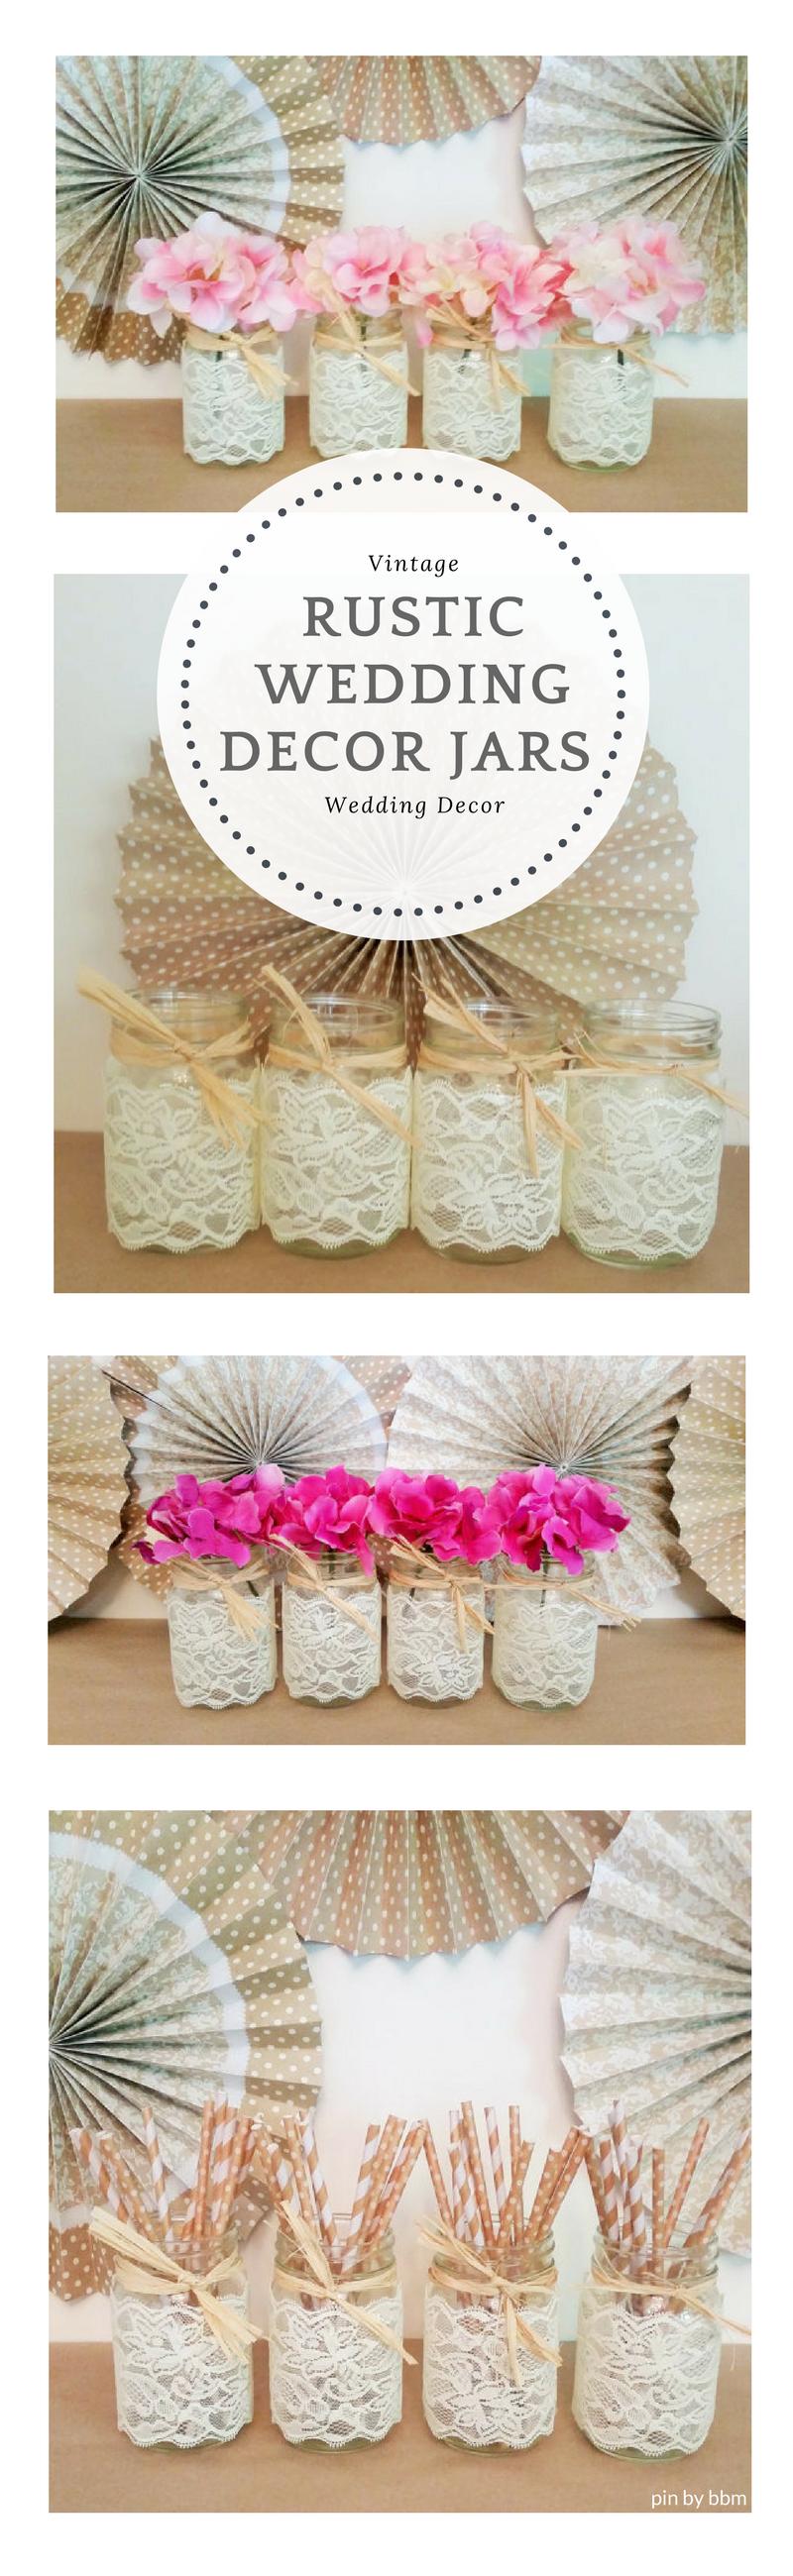 Pretty Rustic Country Wedding Decor Mason Jars, cute wedding table ...